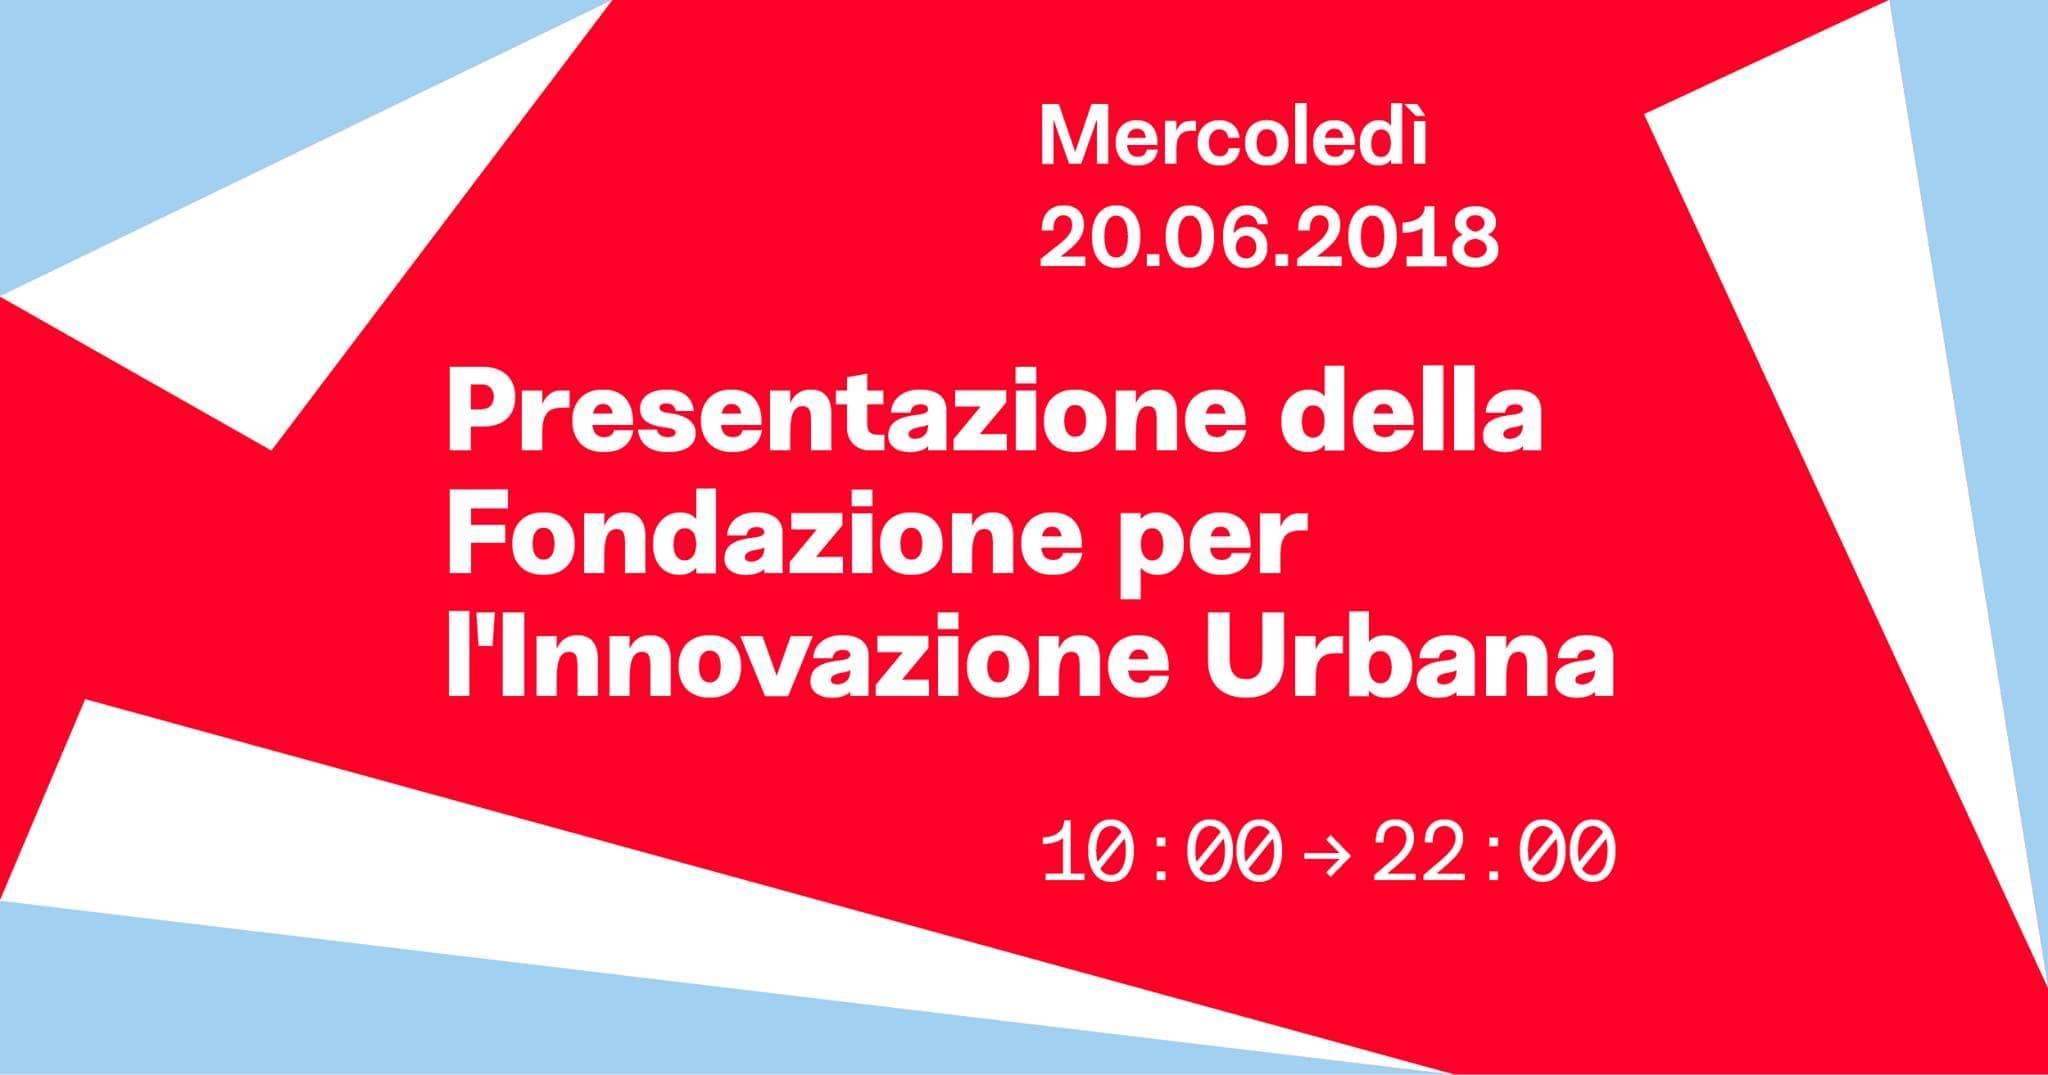 Presentazione della Fondazione per l'Innovazione Urbana